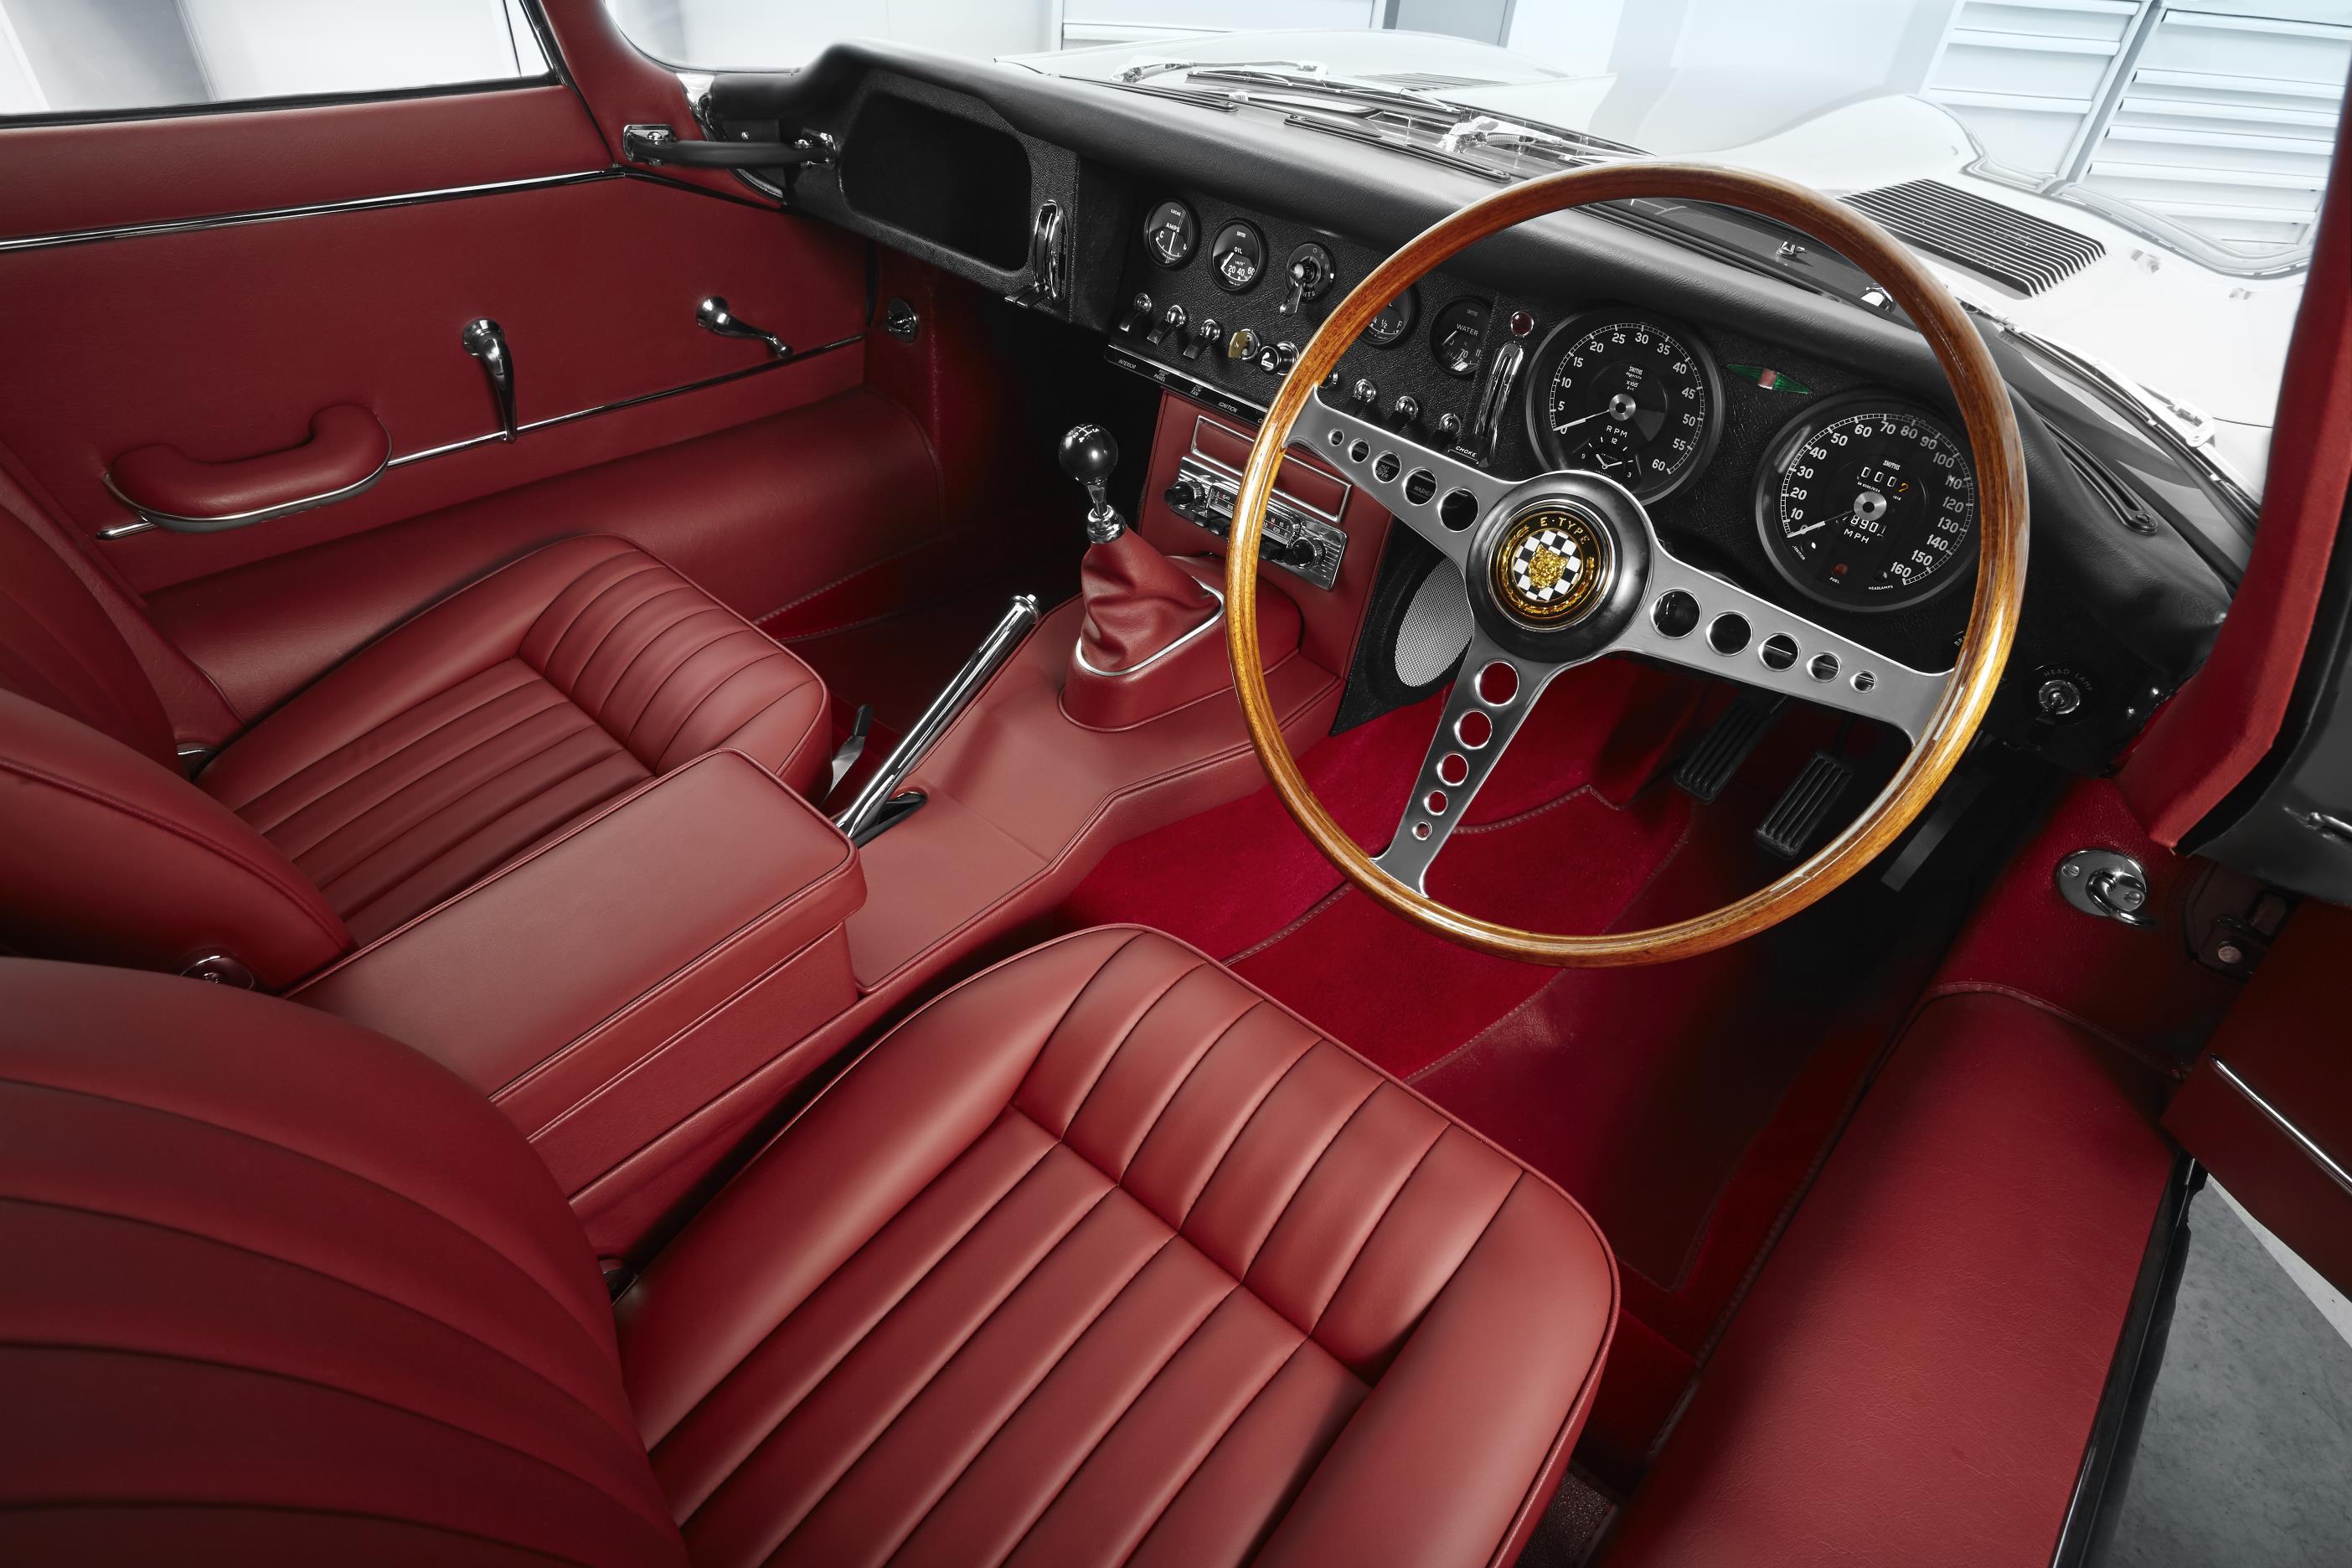 Ягуар объявил овозвращении знаменитого ретро-купе Ягуар E-type